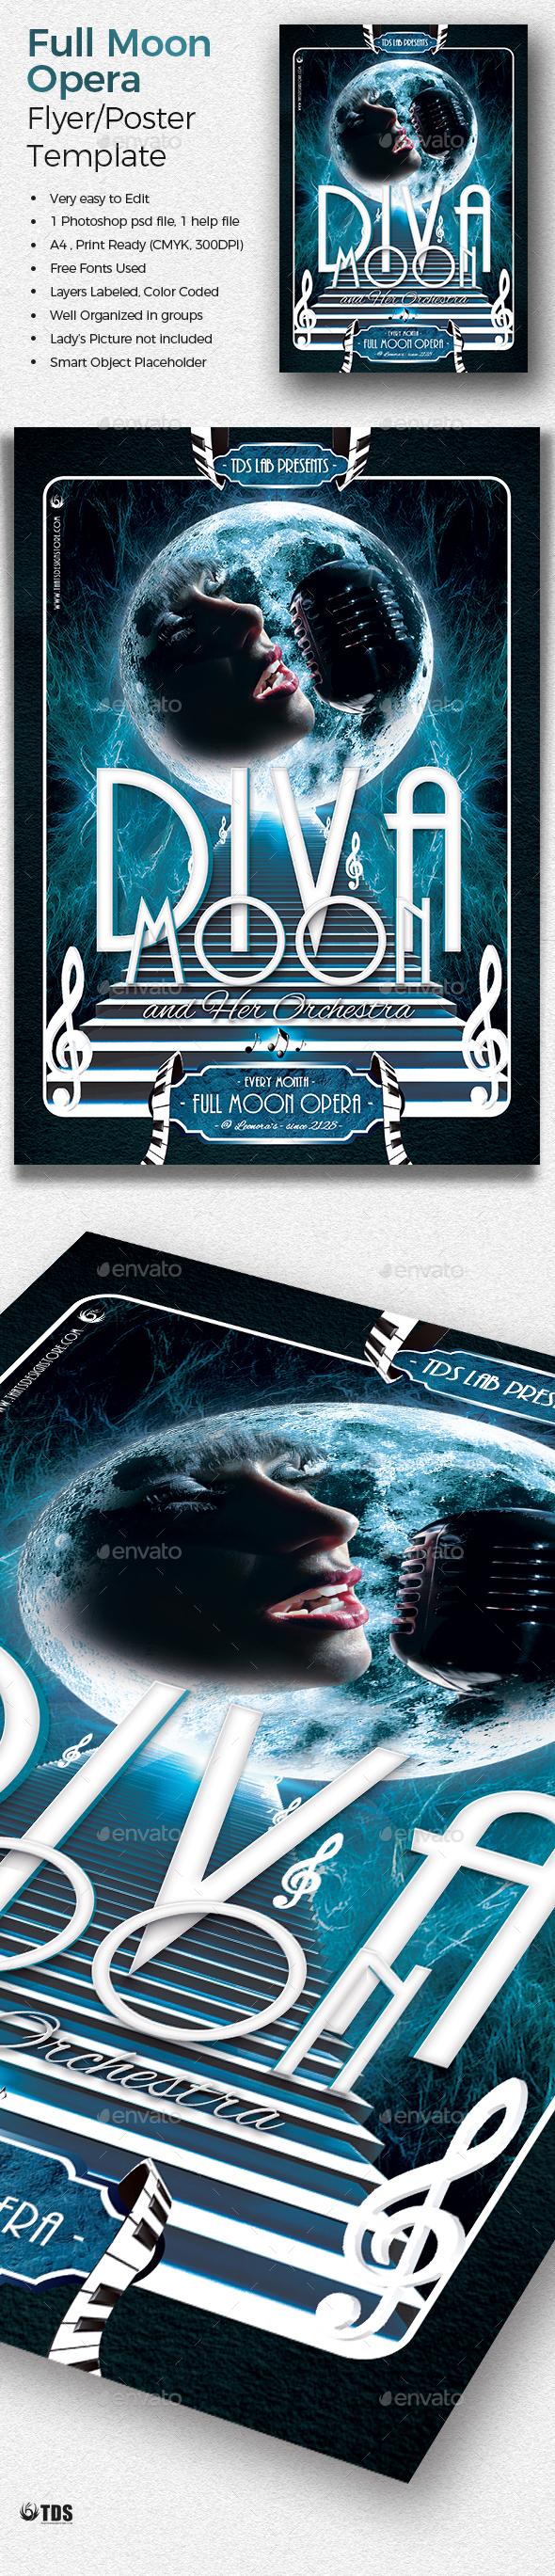 Retro Futuristic Full Moon Opera Flyer Template - Miscellaneous Events